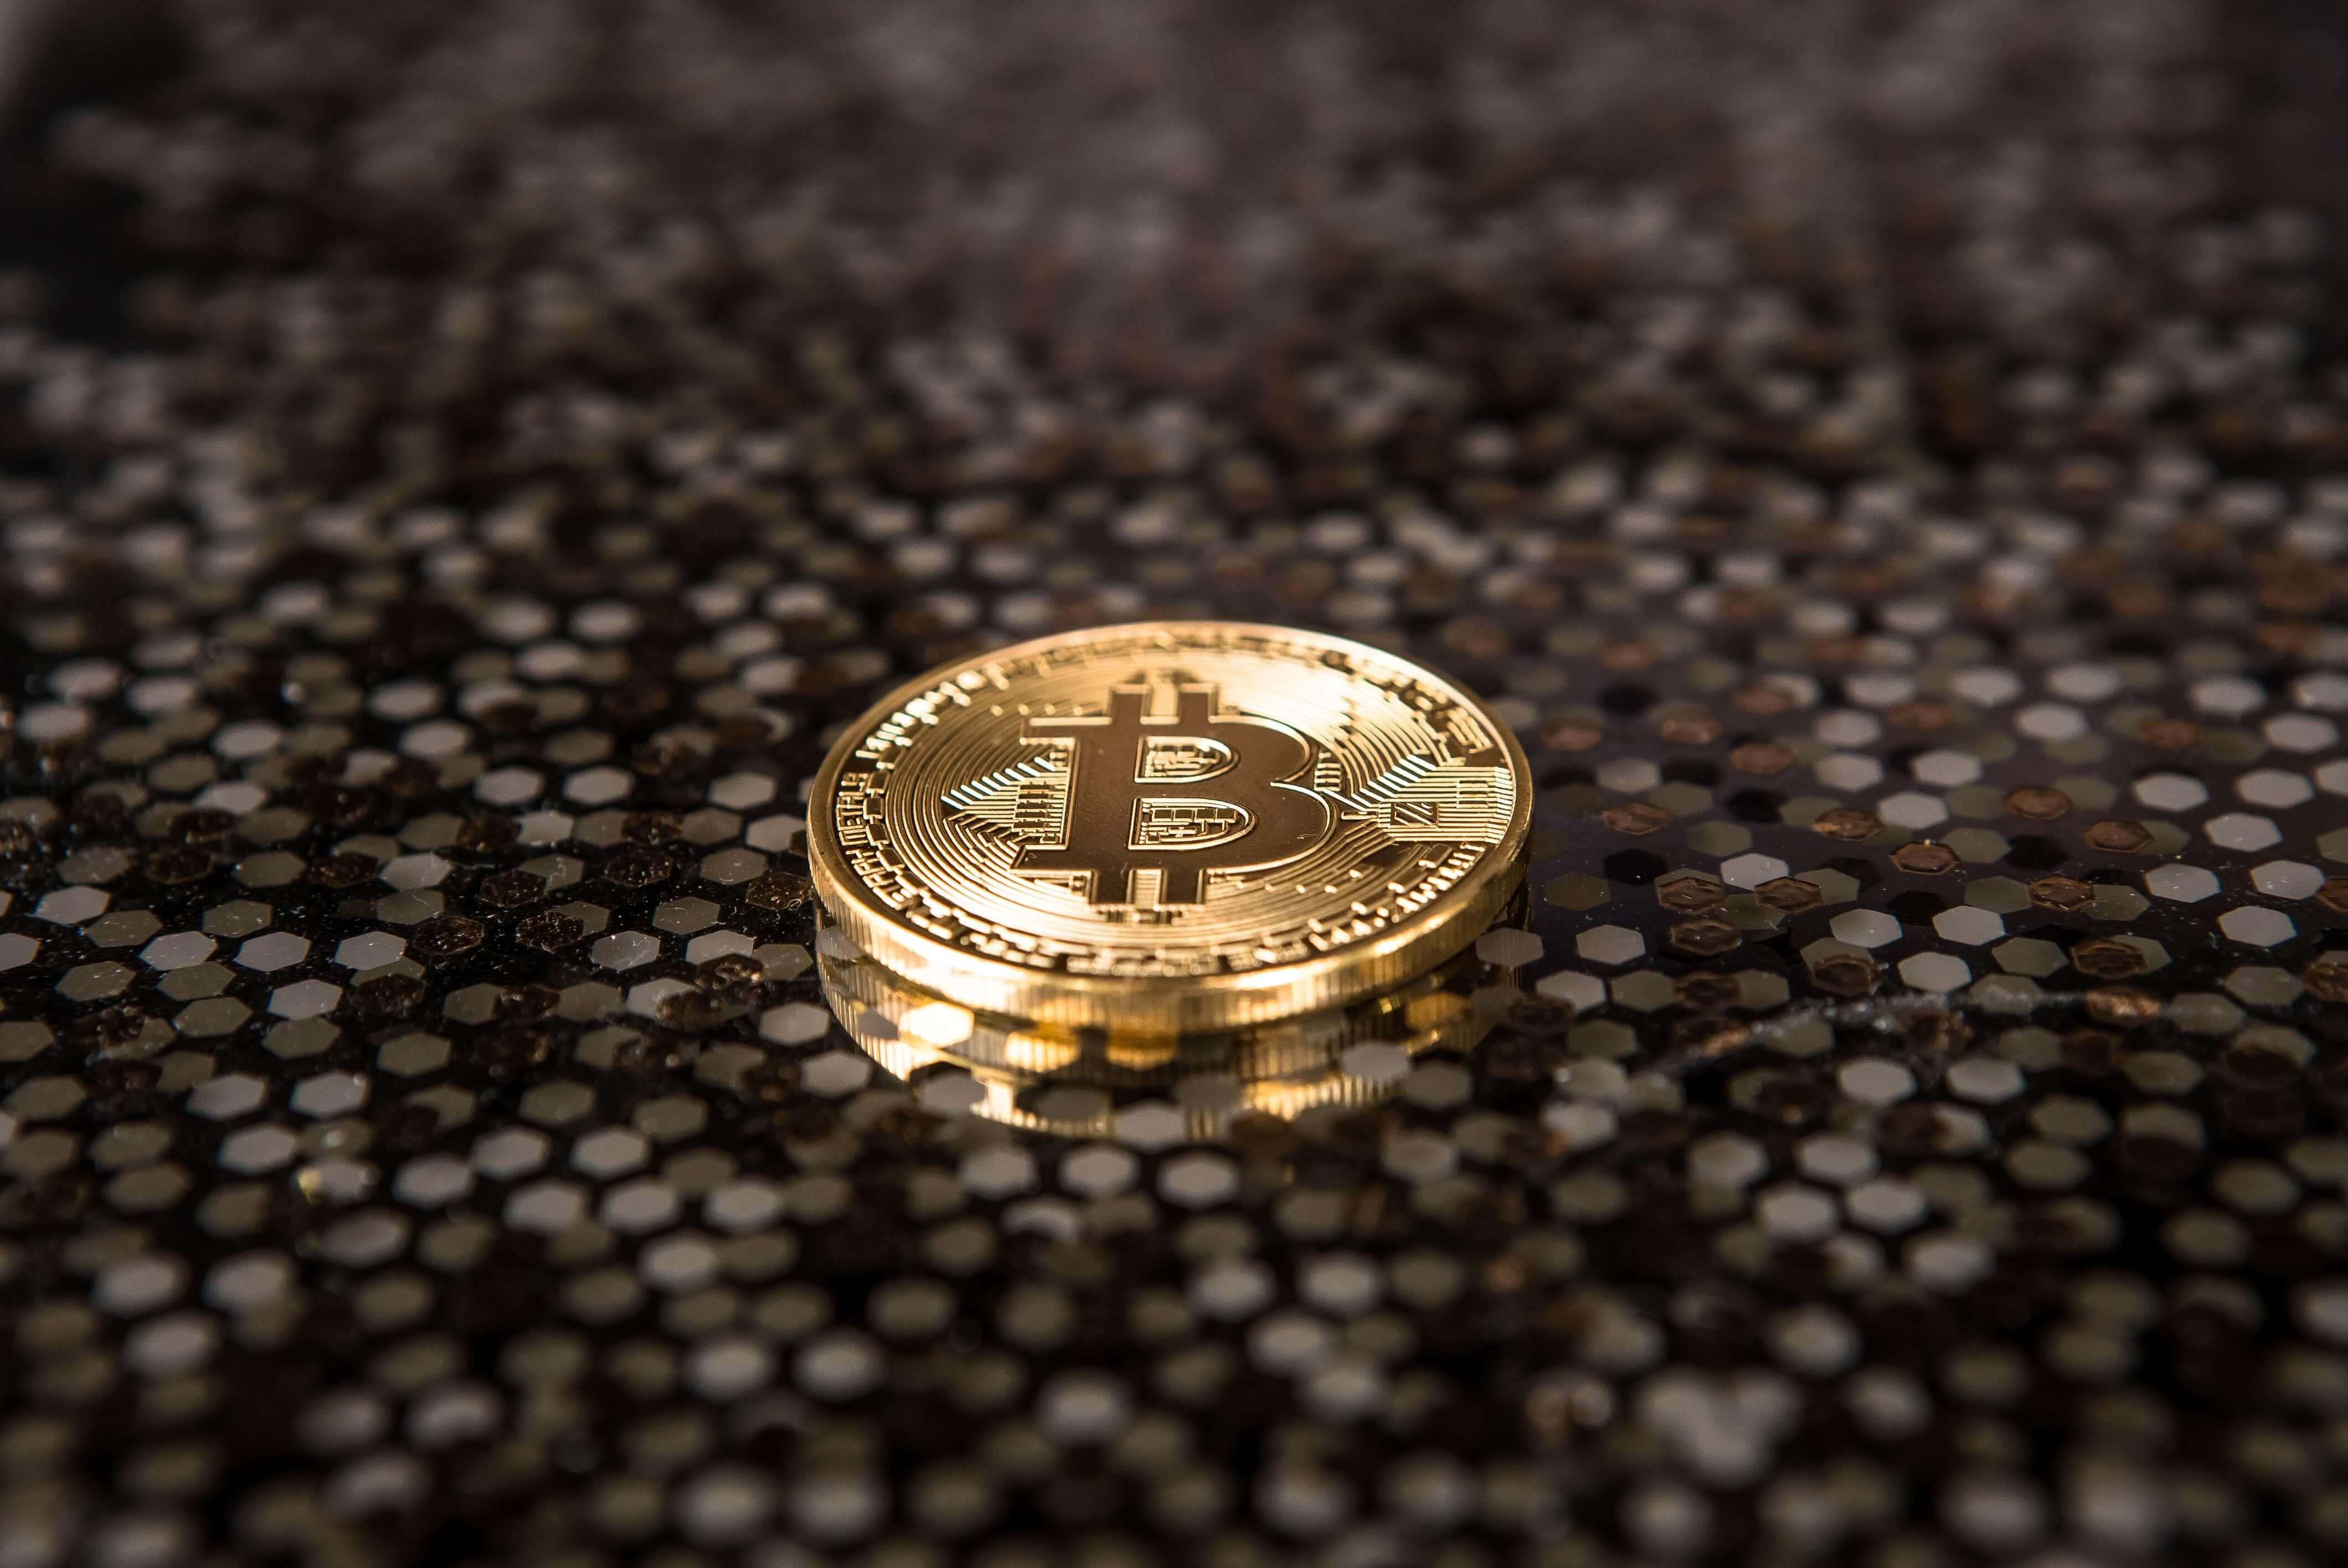 Blockchain: arriva piattaforma per campagne crowdfunding - Criptovalute news - ANSA